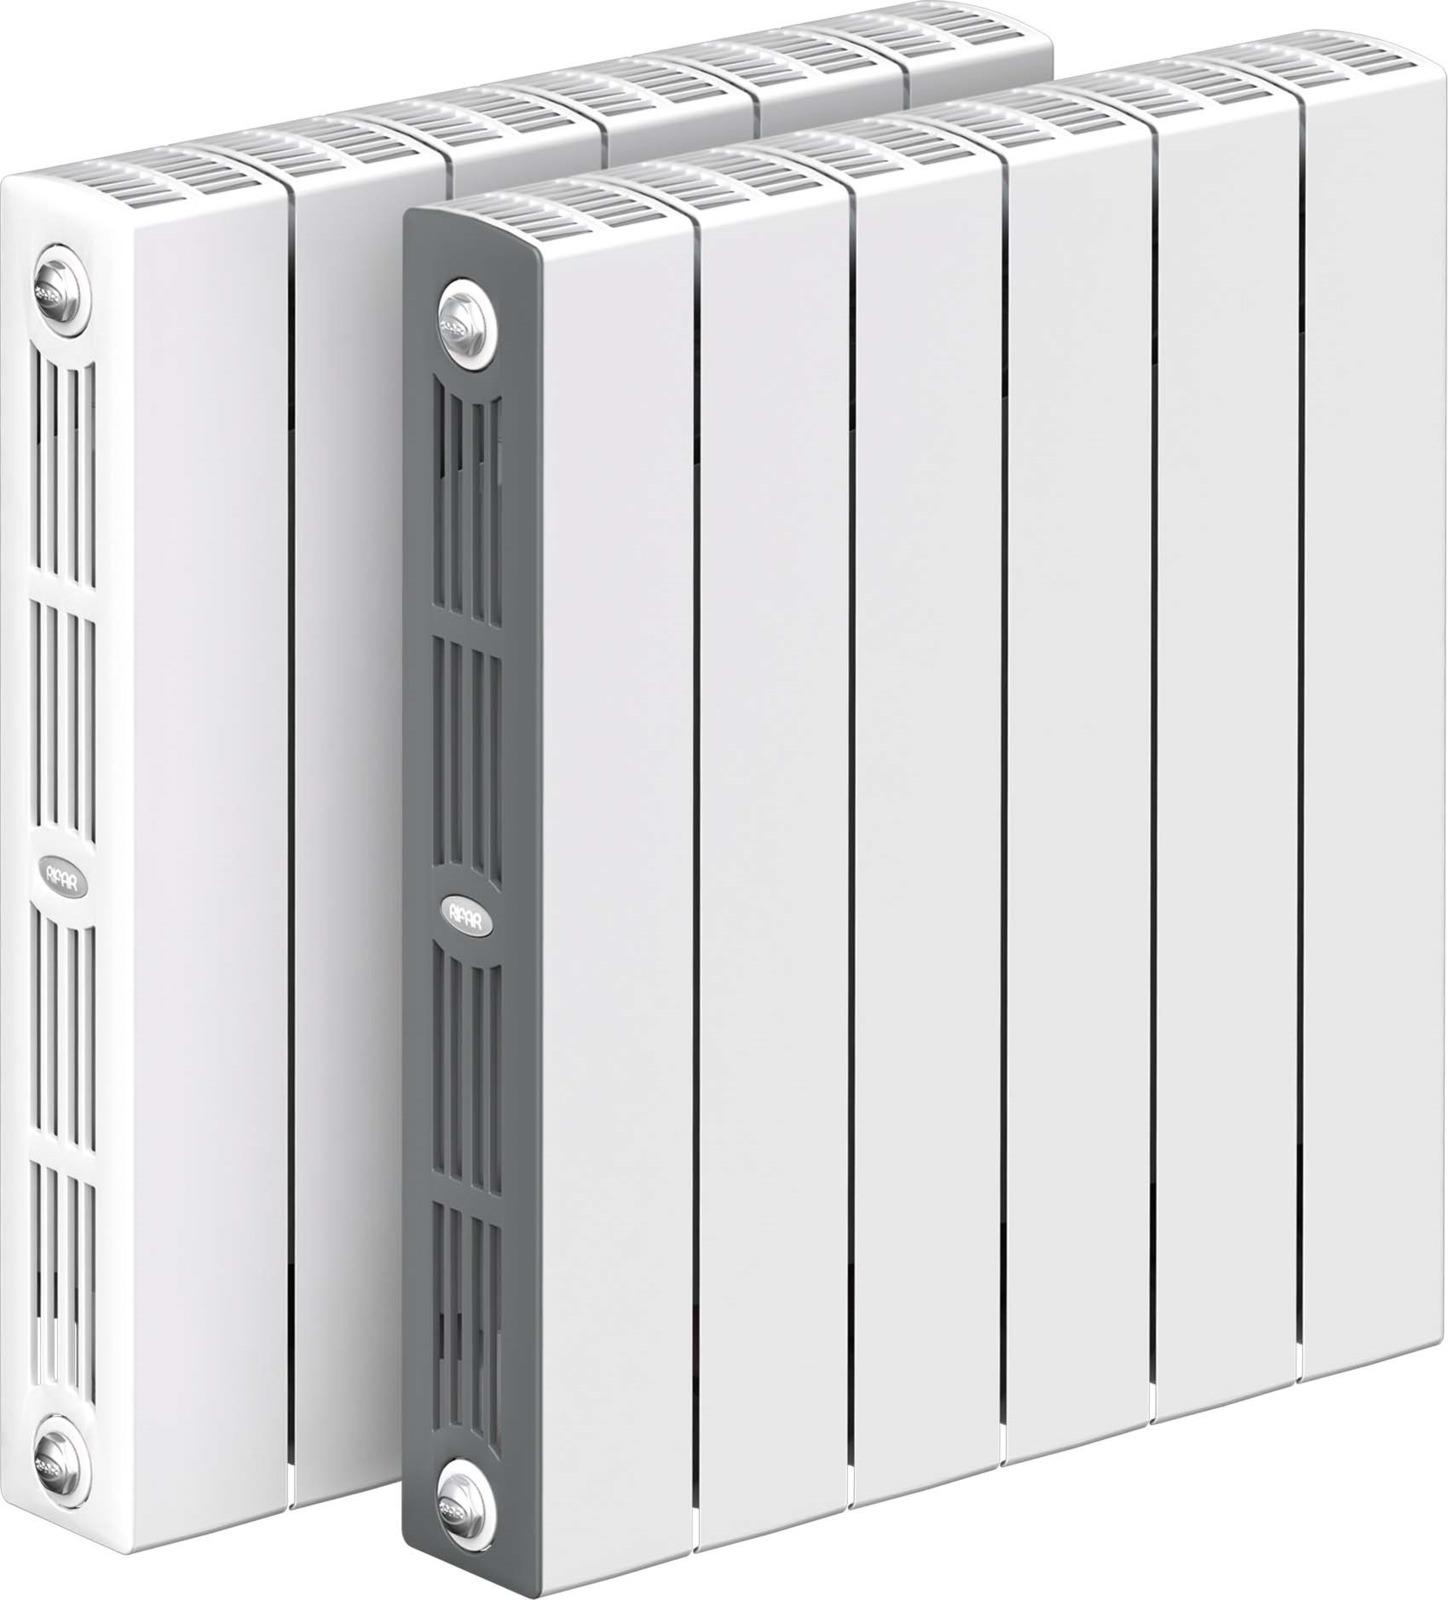 Секционный радиатор Rifar Supremo 500, биметаллический, RIFAR S 500-8, белый, 8 секций цена